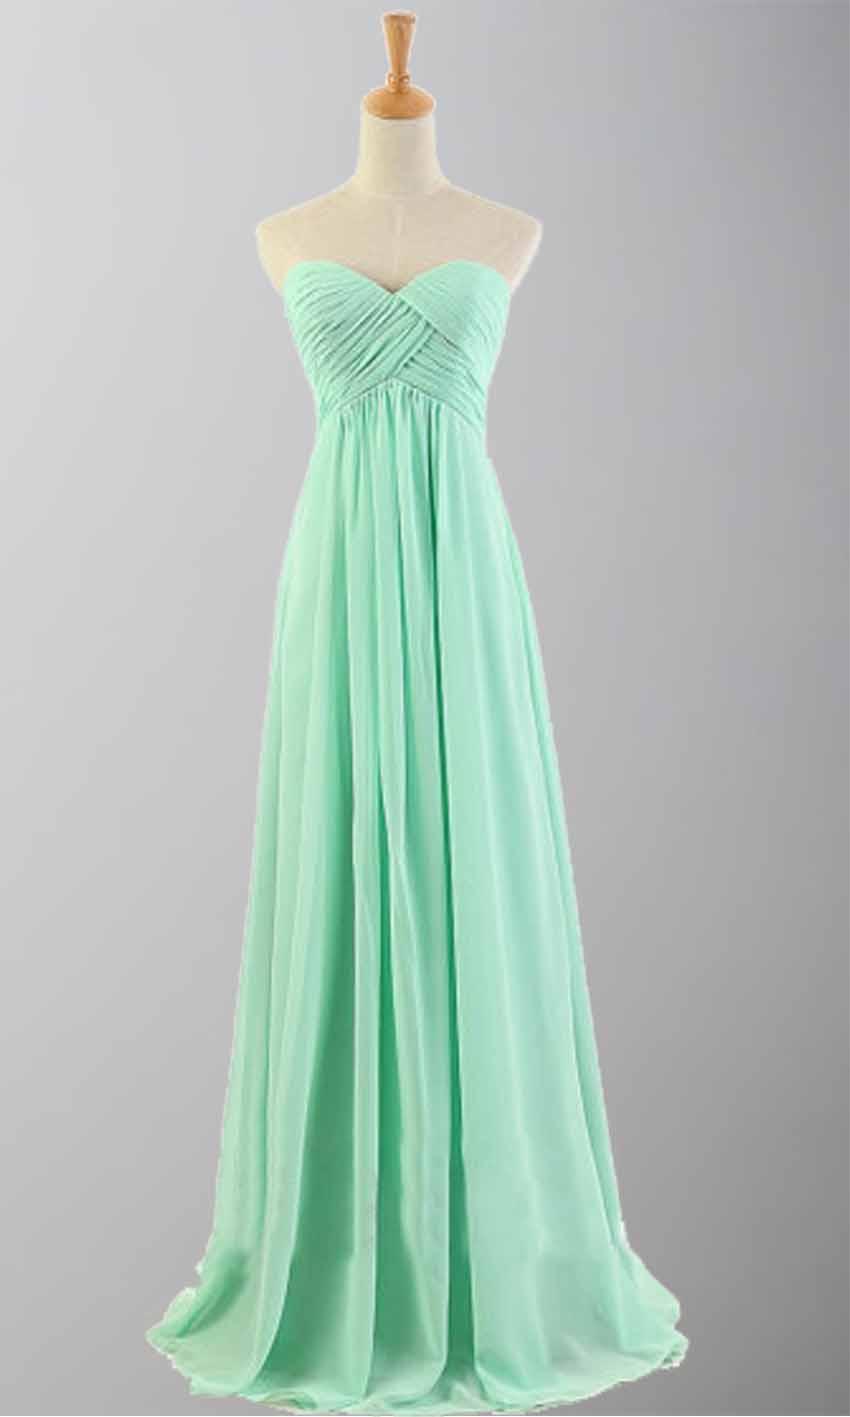 Mint Green Cross Pleated Long Bridesmaid Dresses KSP171 [KSP171 ...